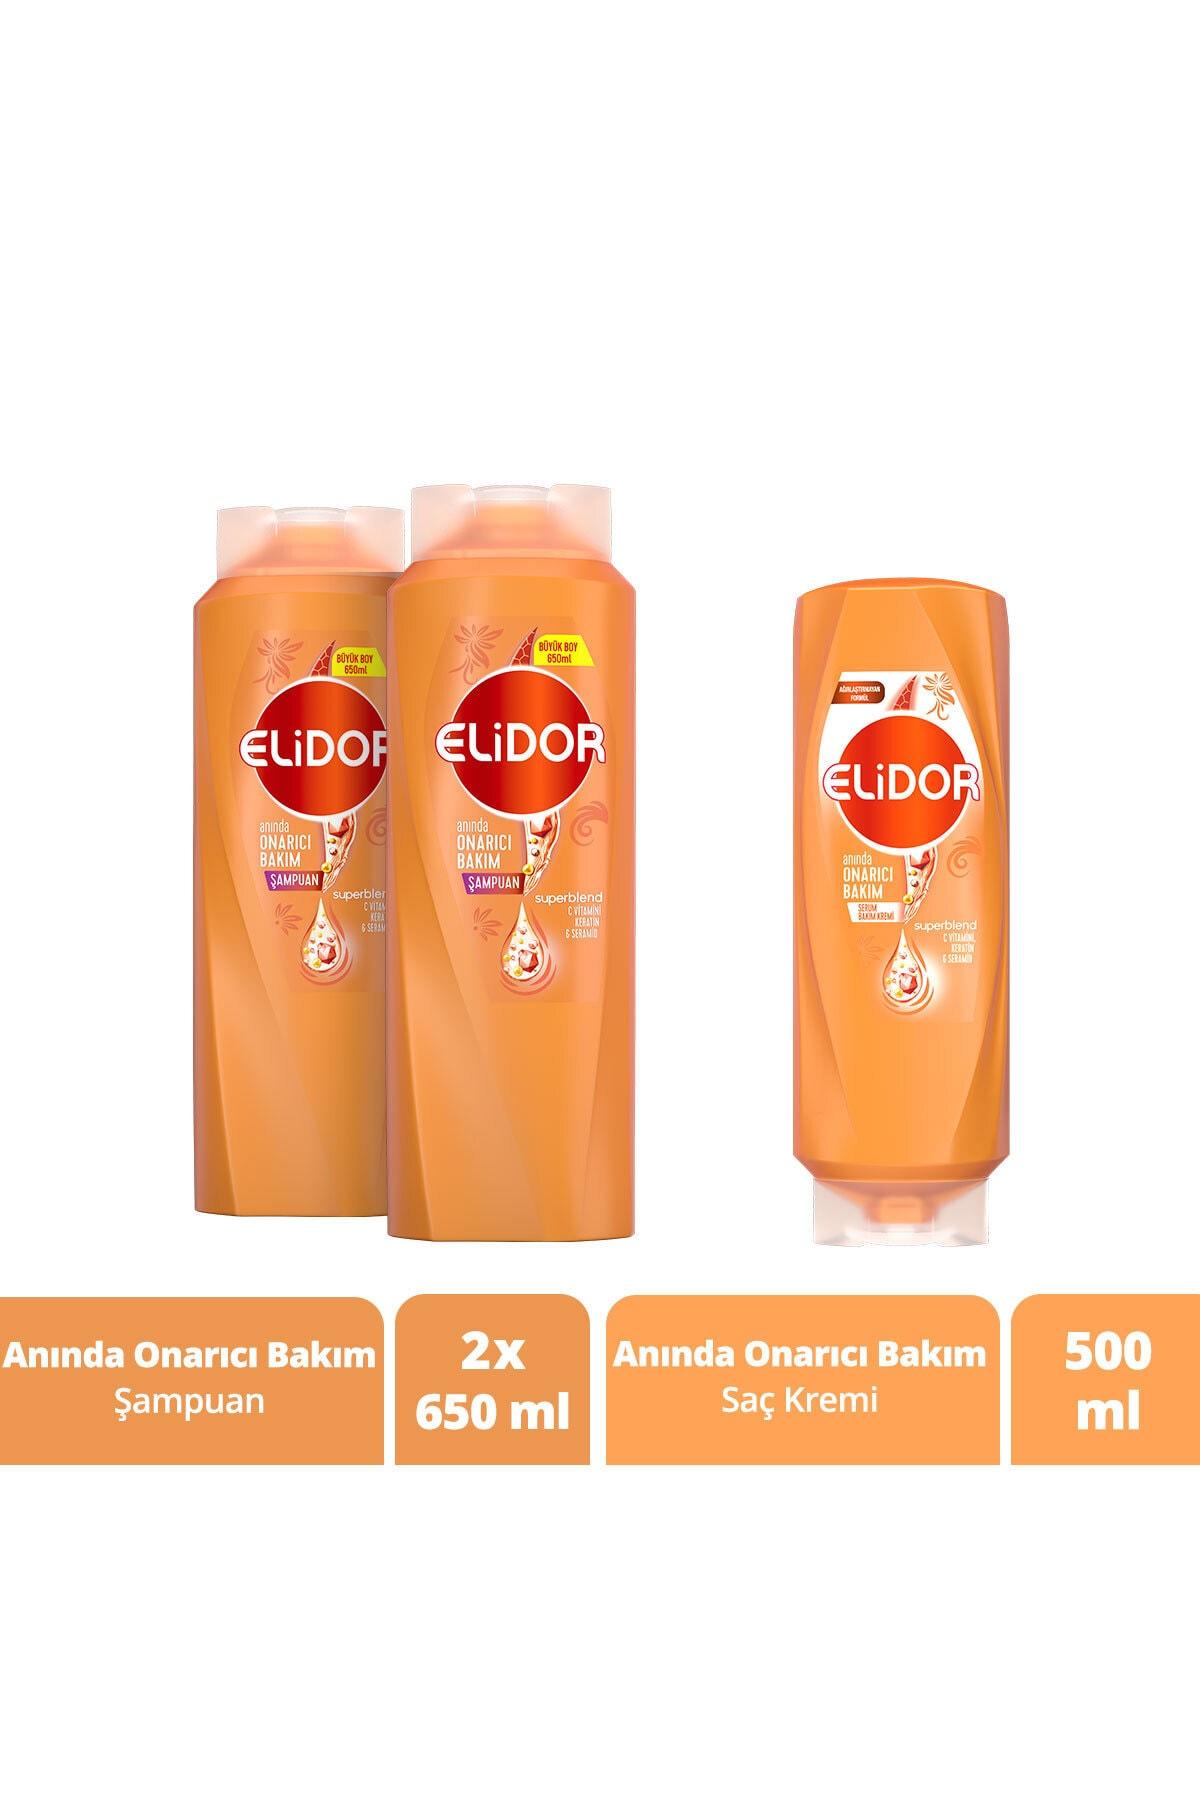 Elidor Anında Onarıcı Bakım Şampuan 650 ml X2 + Anında Onarıcı Bakım Saç Kremi 500 ml 1